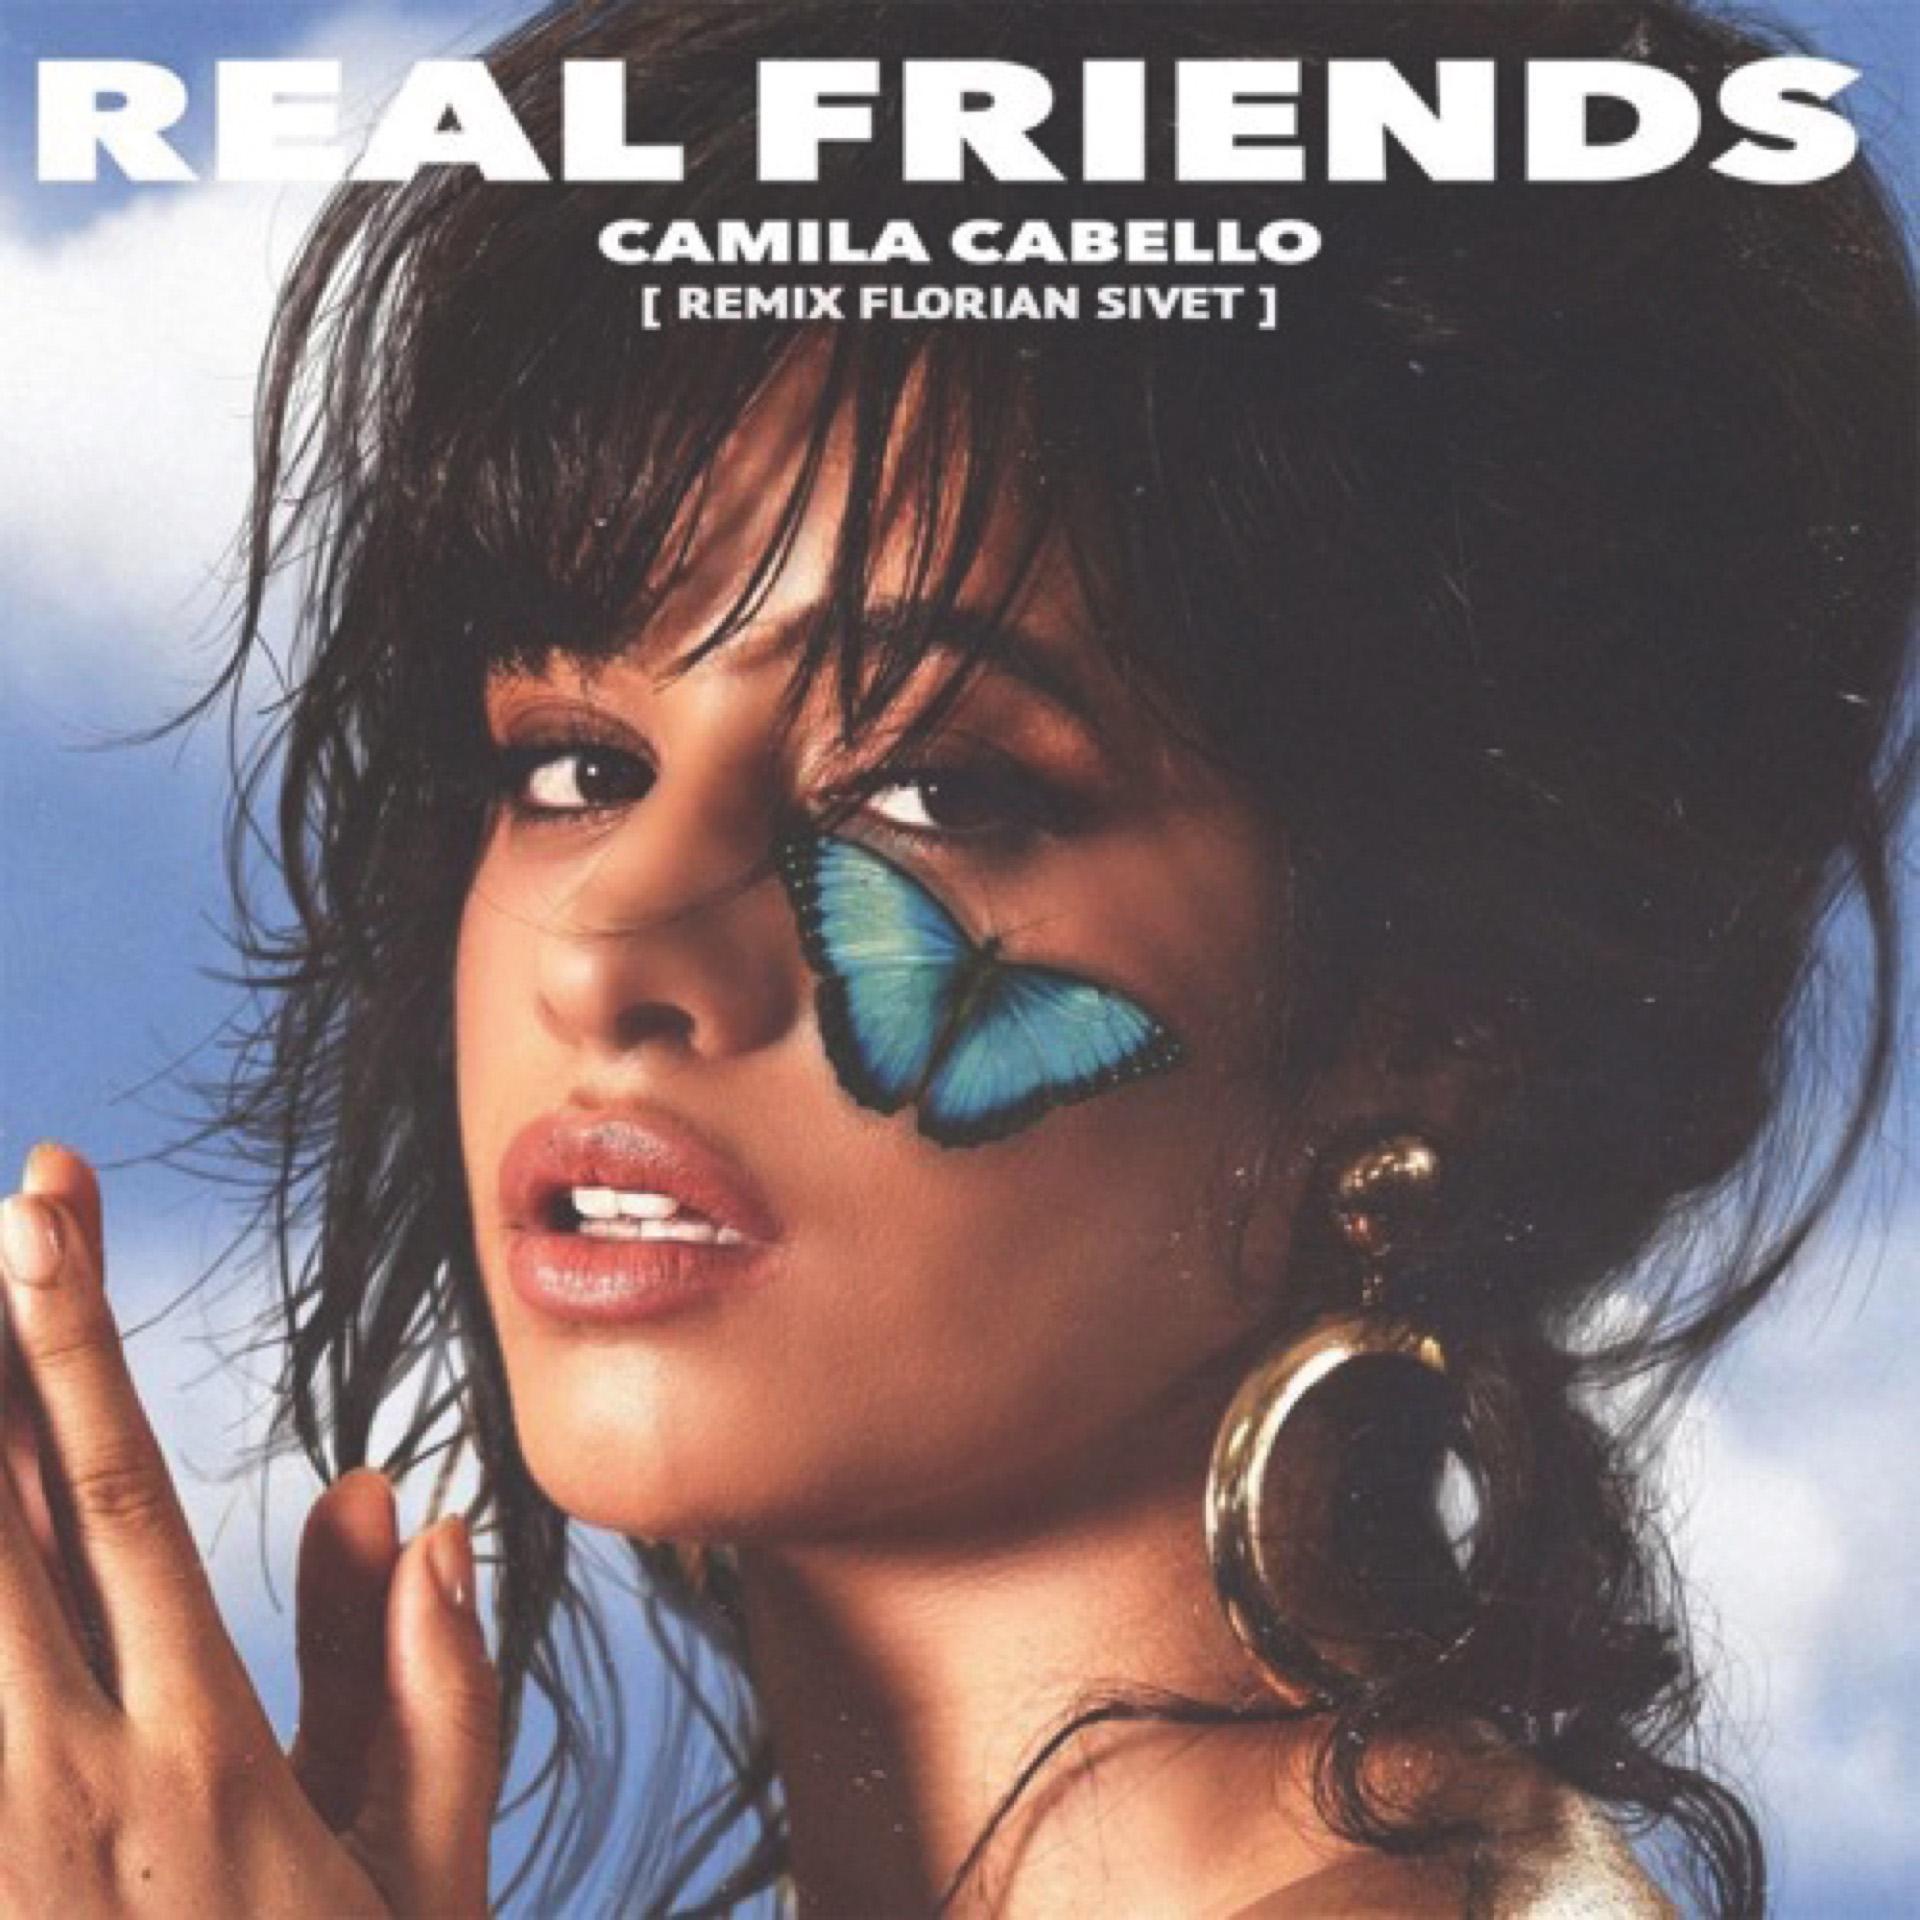 REAL FRIENDS; CAMILA CABELLO